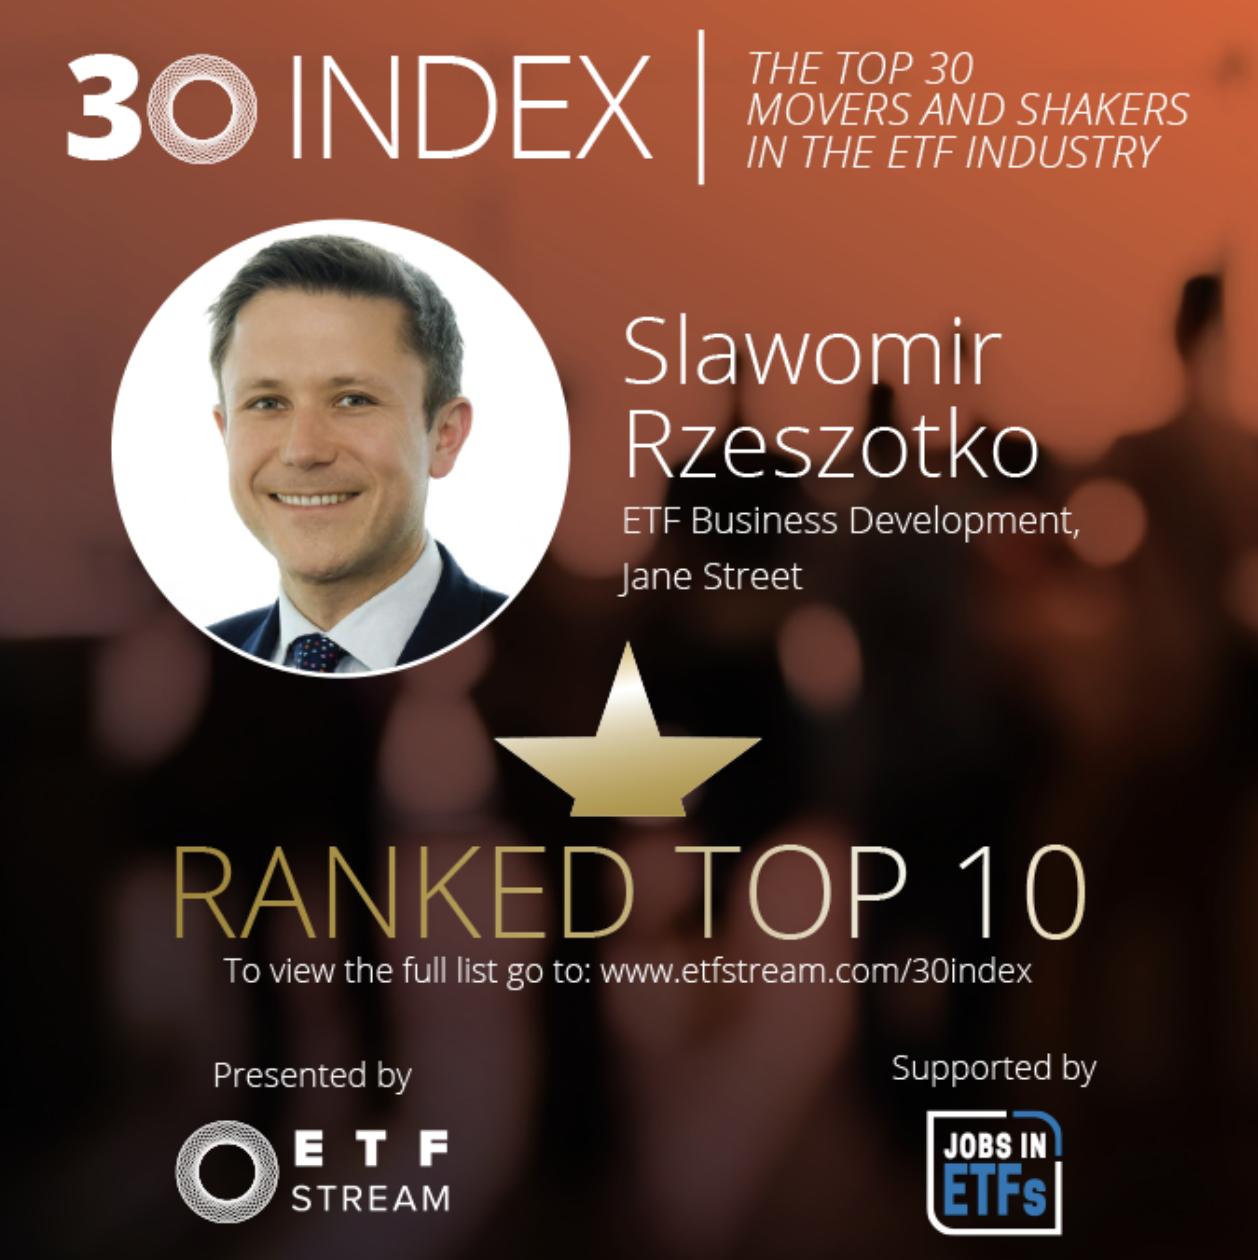 30 Index Interviews: Slawomir Rzeszotko of Jane Street  